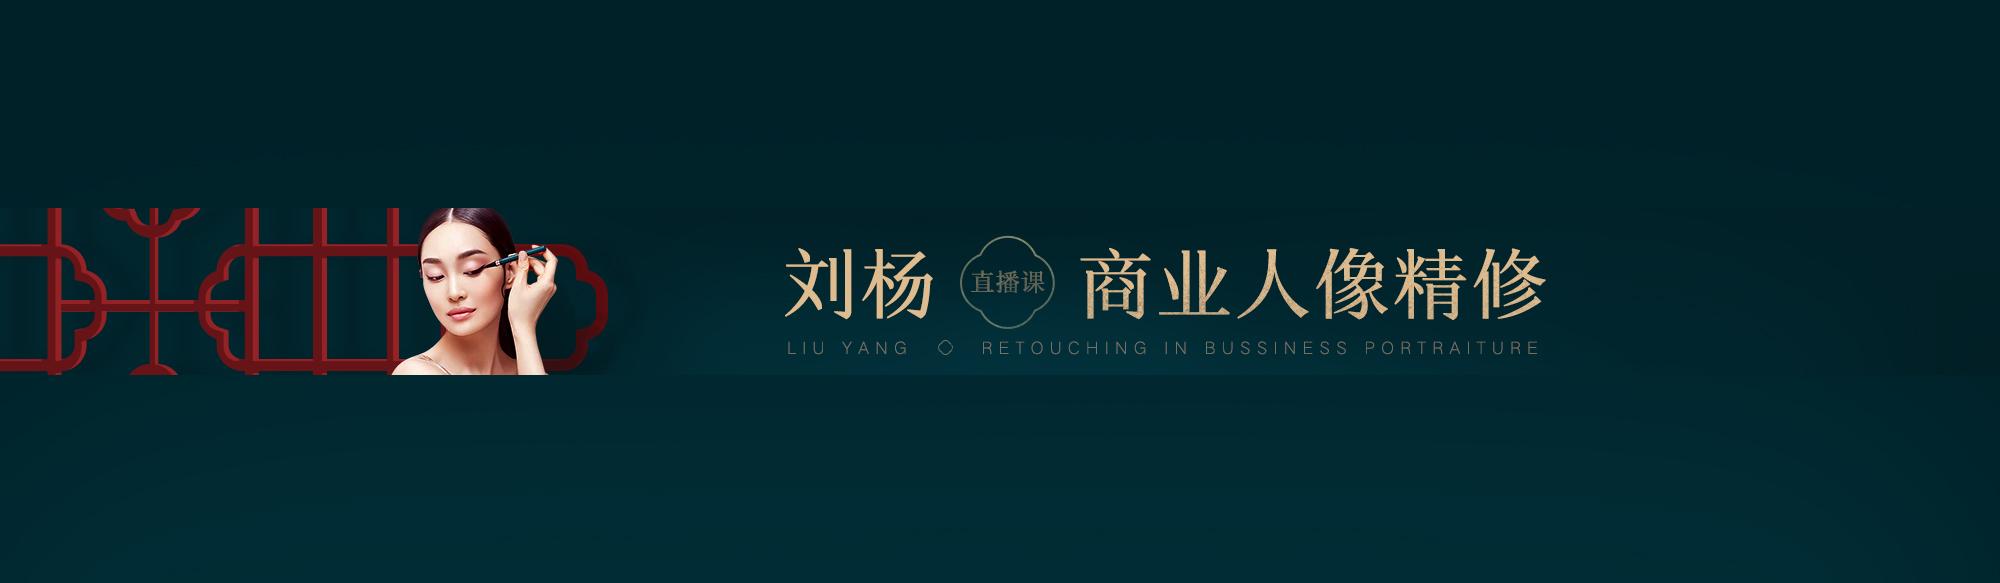 刘杨商业人像精修全能班(第3期)